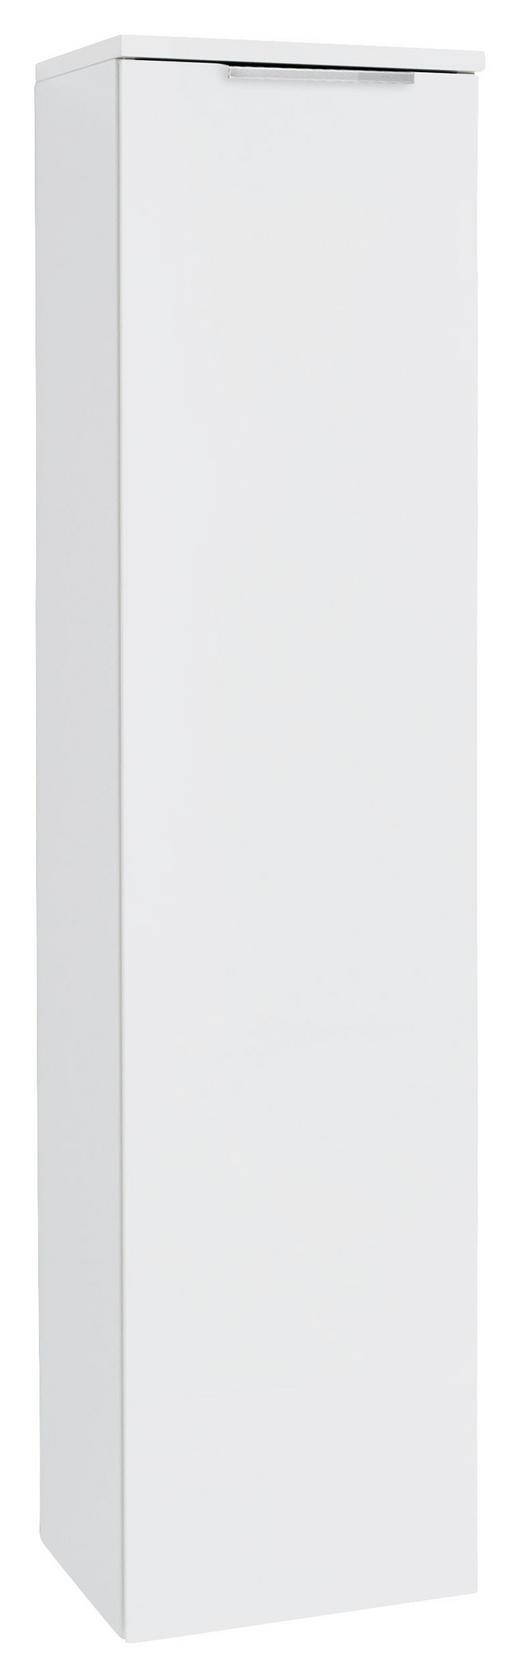 MIDISCHRANK Weiß - Chromfarben/Weiß, Design, Glas/Metall (30/129/30cm) - Dieter Knoll